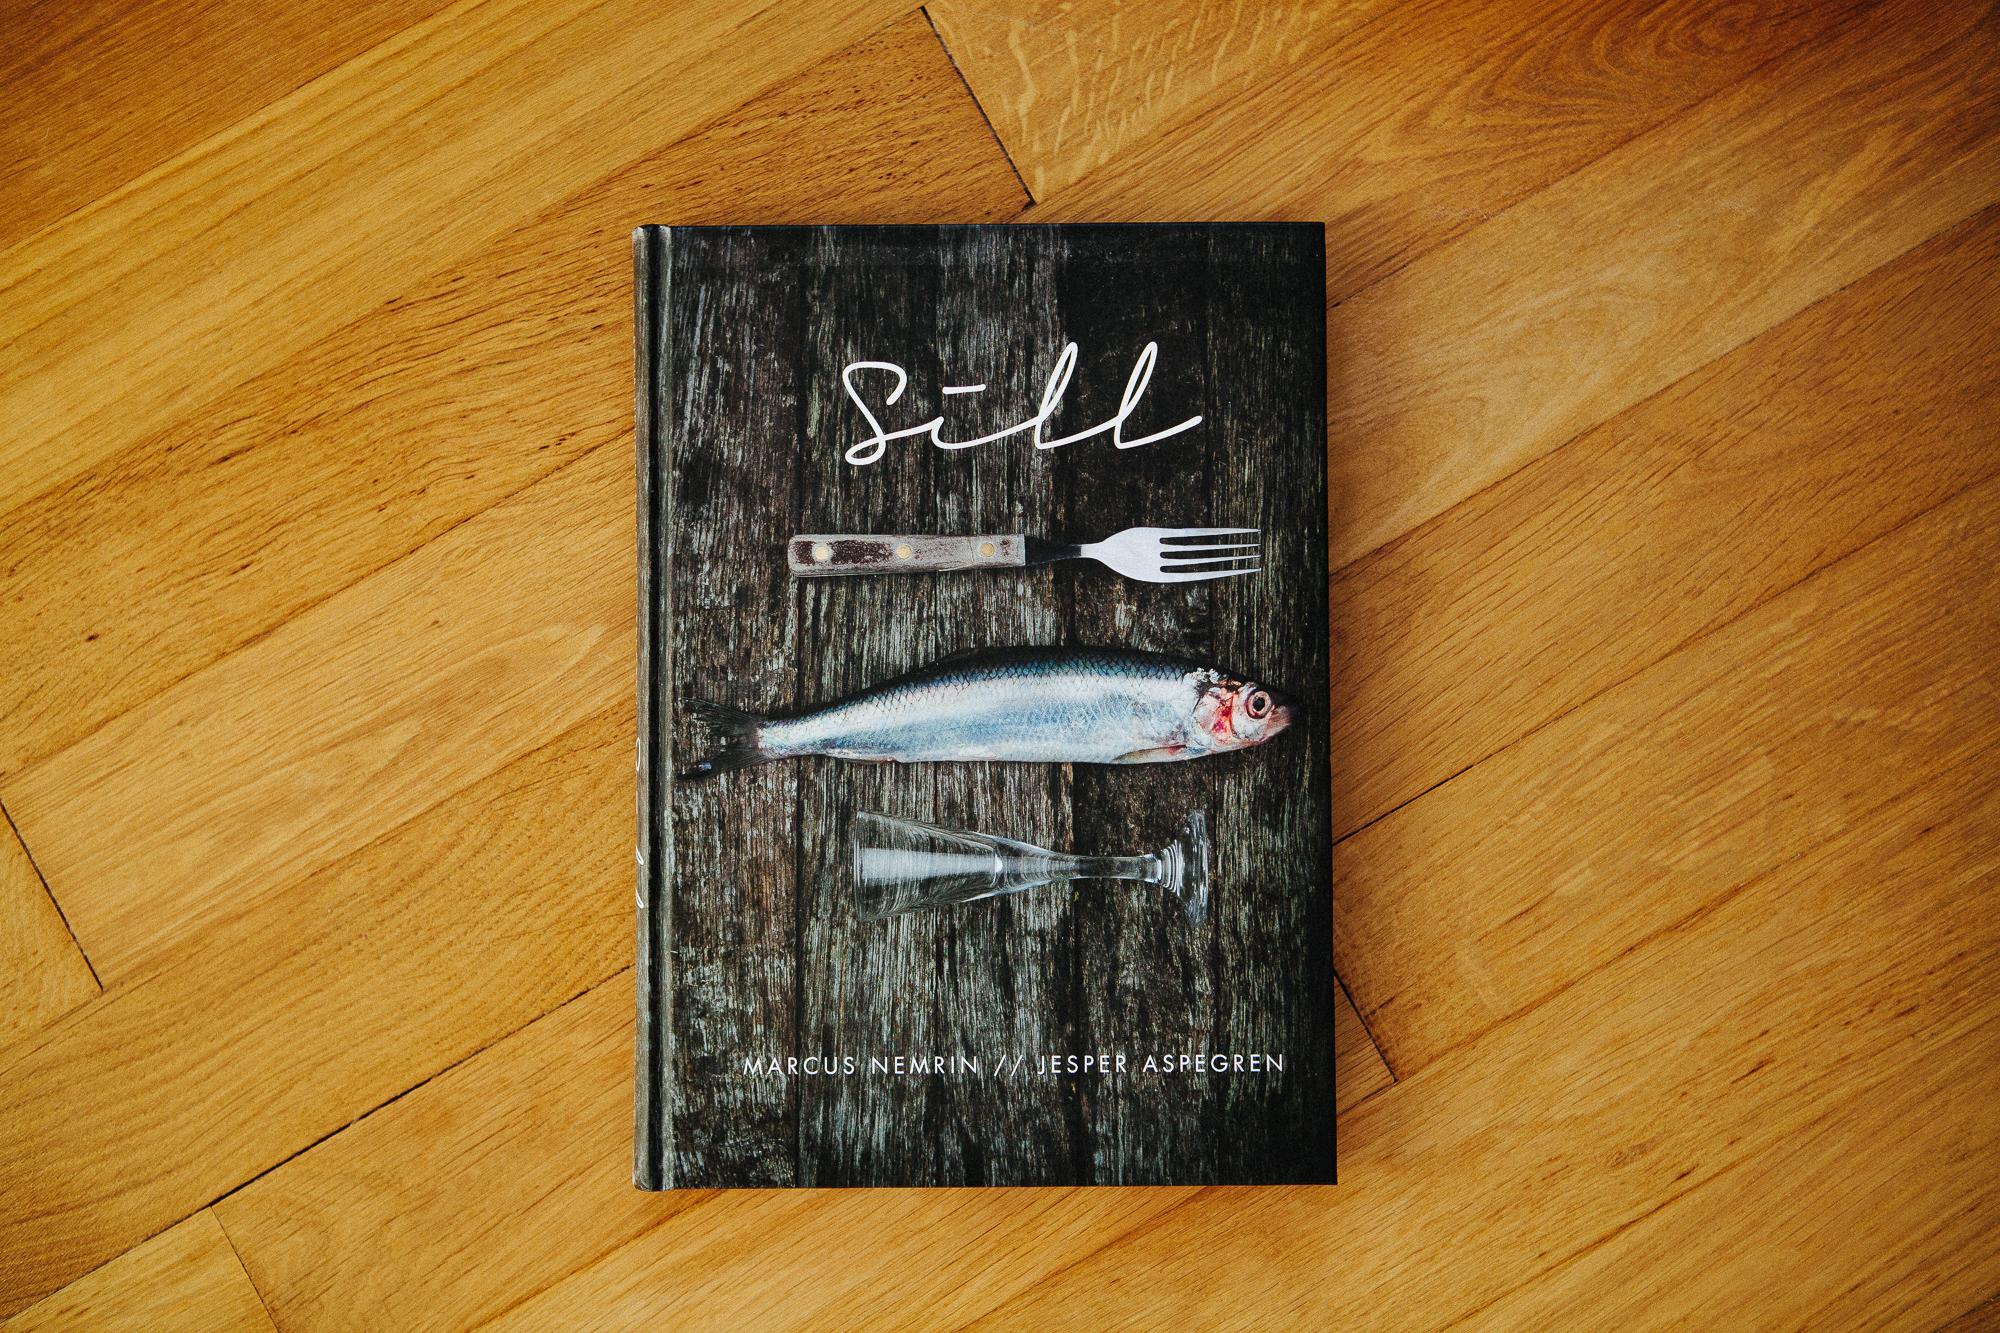 SILL - Tillsammans med Marcus Nemrin på Sofiero slottsrestaurang och Jesper Aspegren som författare fotograferade jag maten, kockarna och miljön i slottsparken i boken under ett år. Utgiven av Liljedahl Publishing 2012.